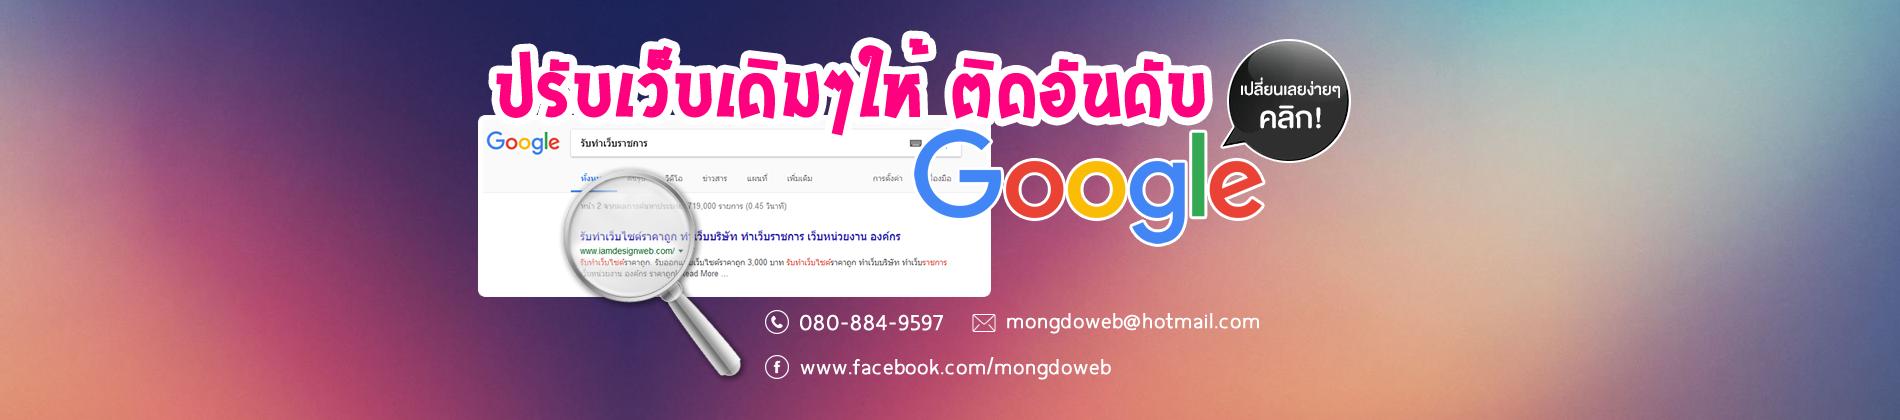 ทำเว็บไซต์ติดอันดับ Google ให้ค้นหาเจอ รับทำเว็บไซต์ ทำเว็บขายสินค้าออนไลน์ รูปแบบสวยงาม